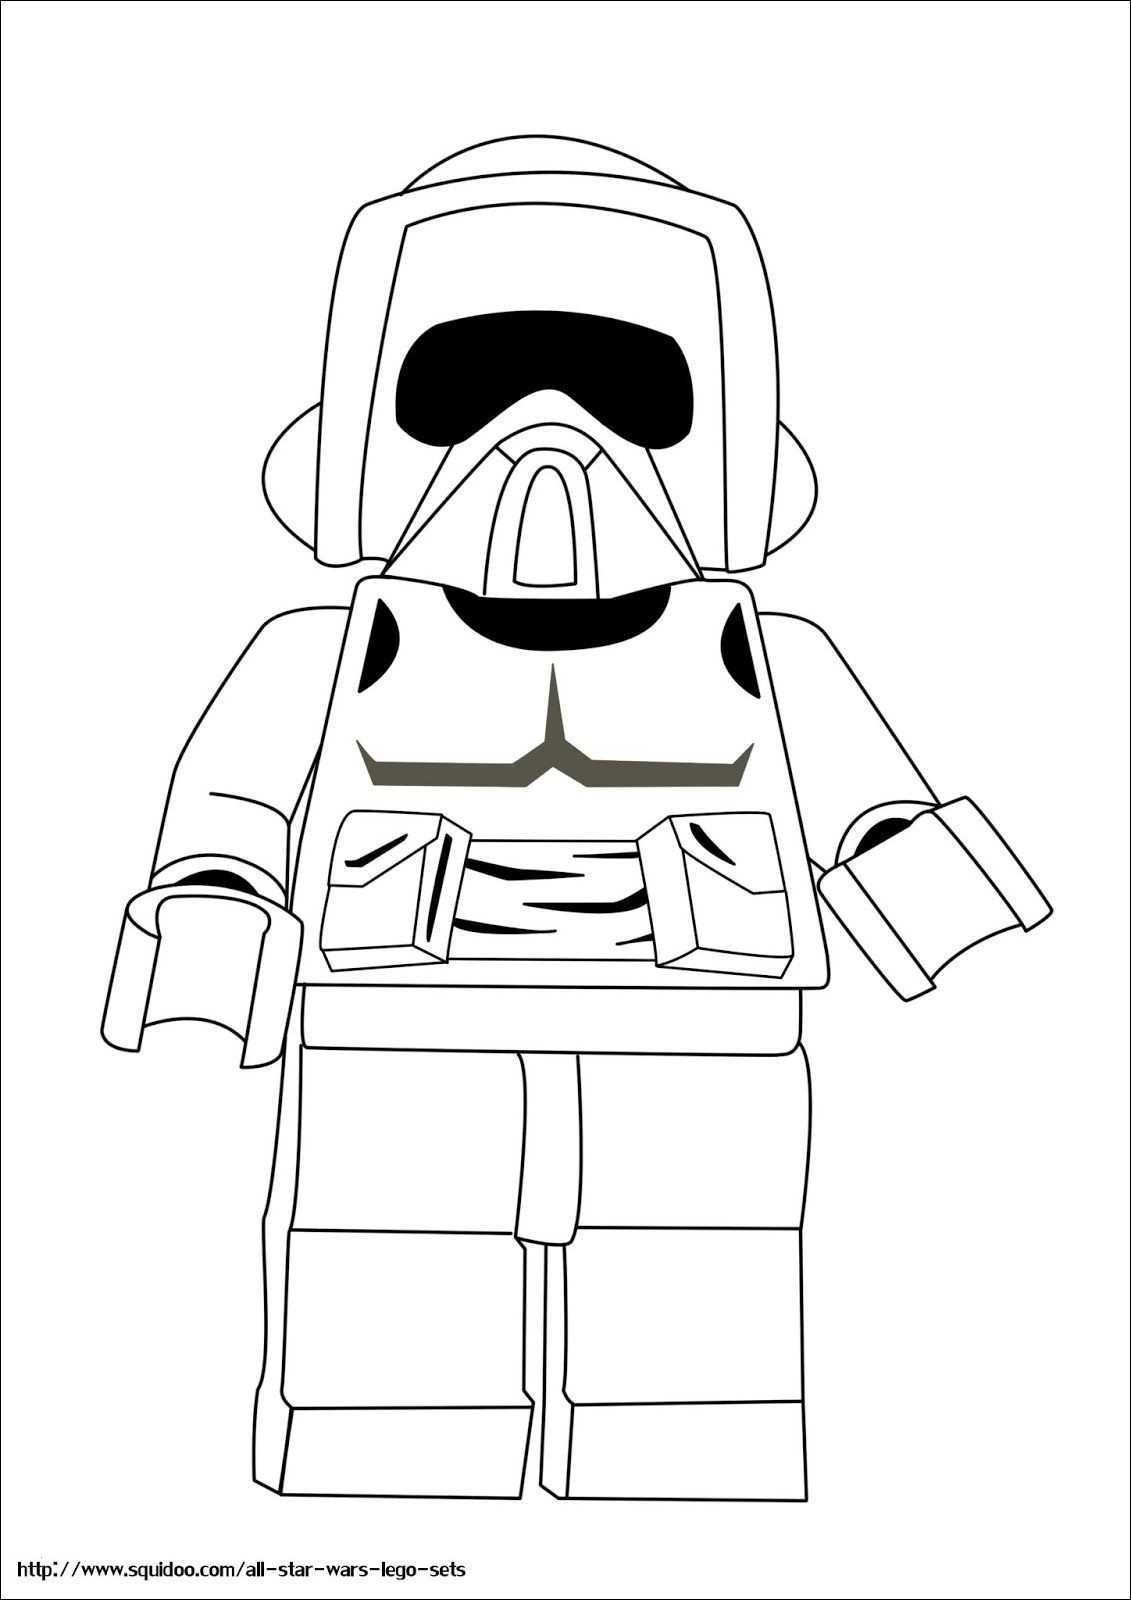 Darth Vader Ausmalbilder Das Beste Von 63 Malvorlagen Star Wars Kostenlos My Blog Bild